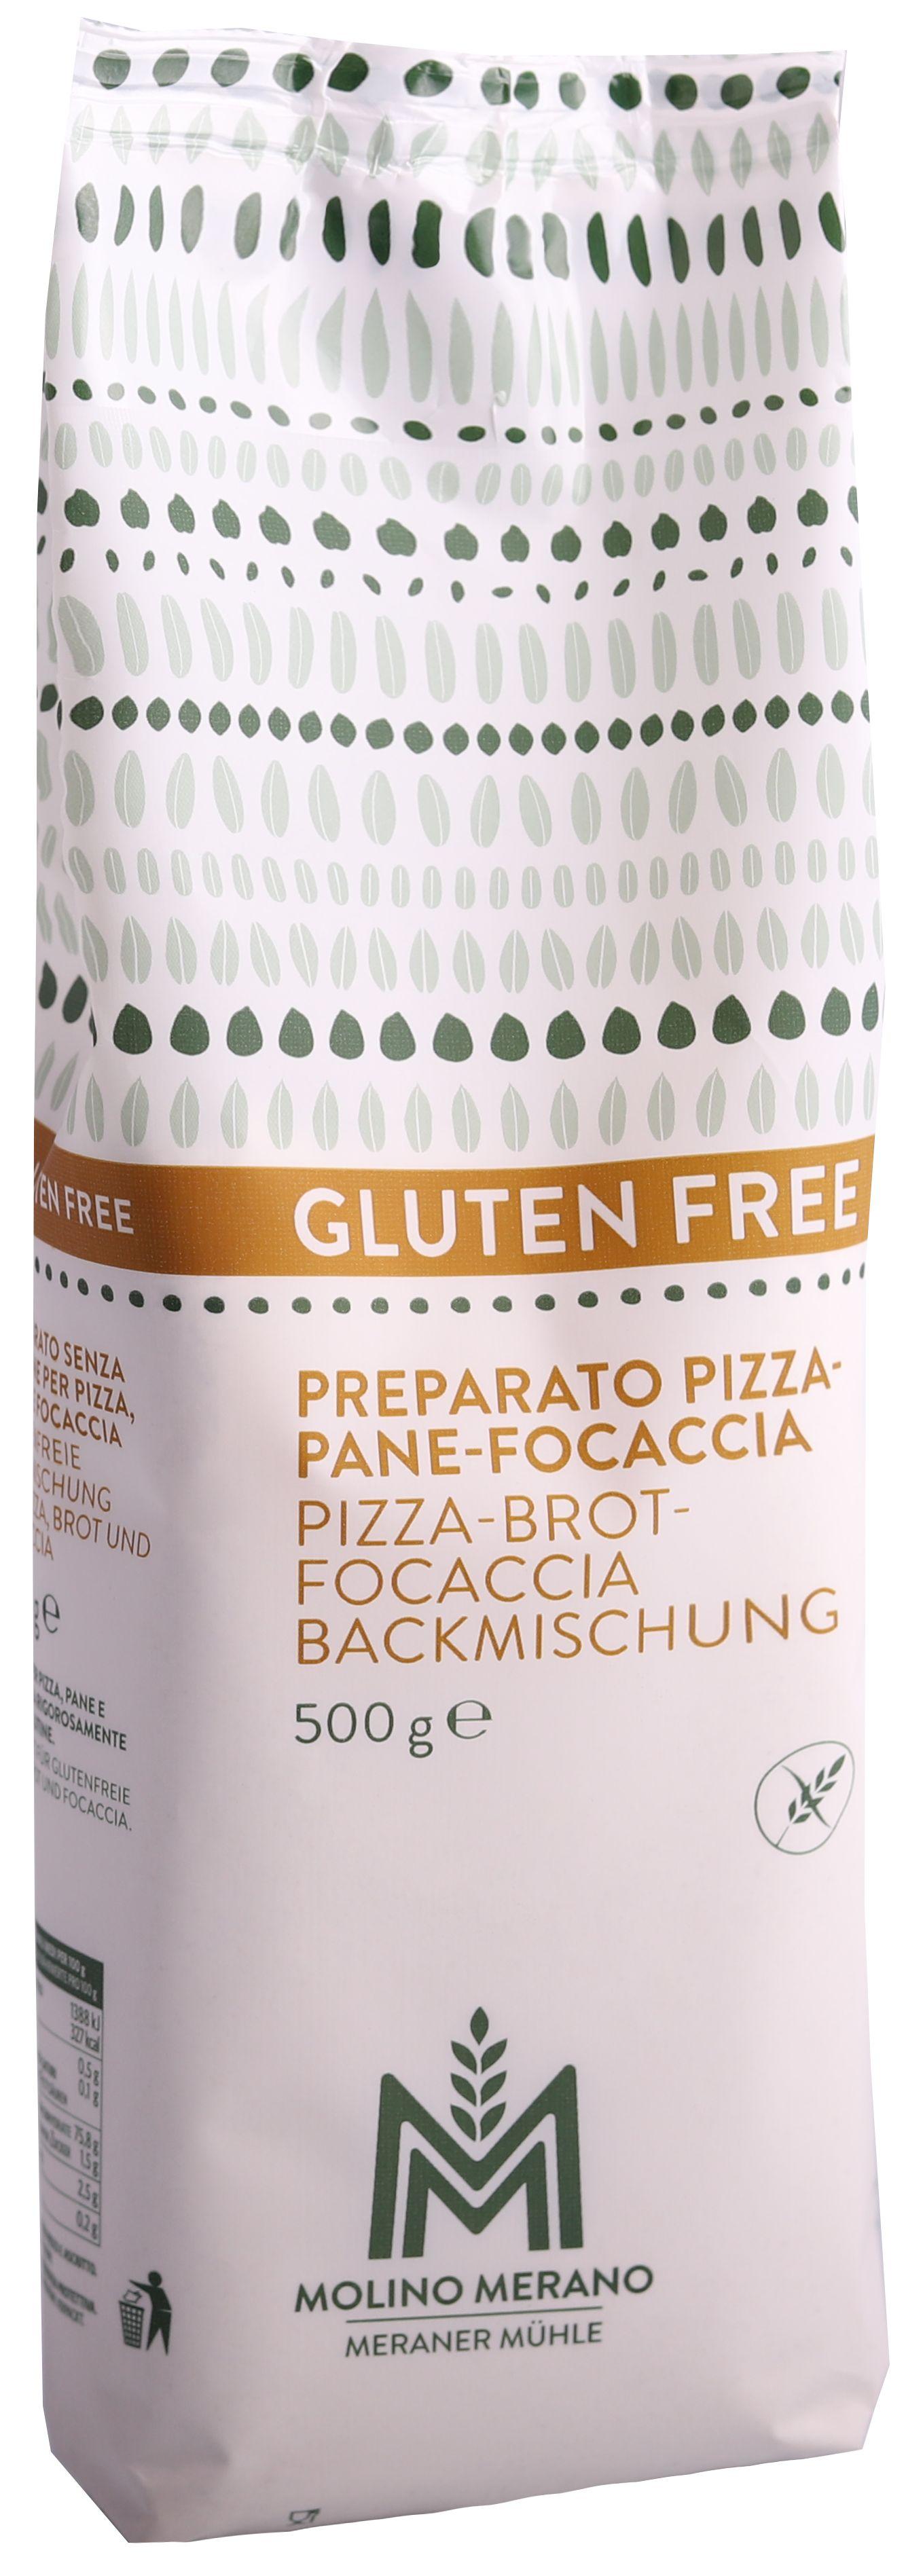 Baking mix pizza, bread, focaccia gluten free